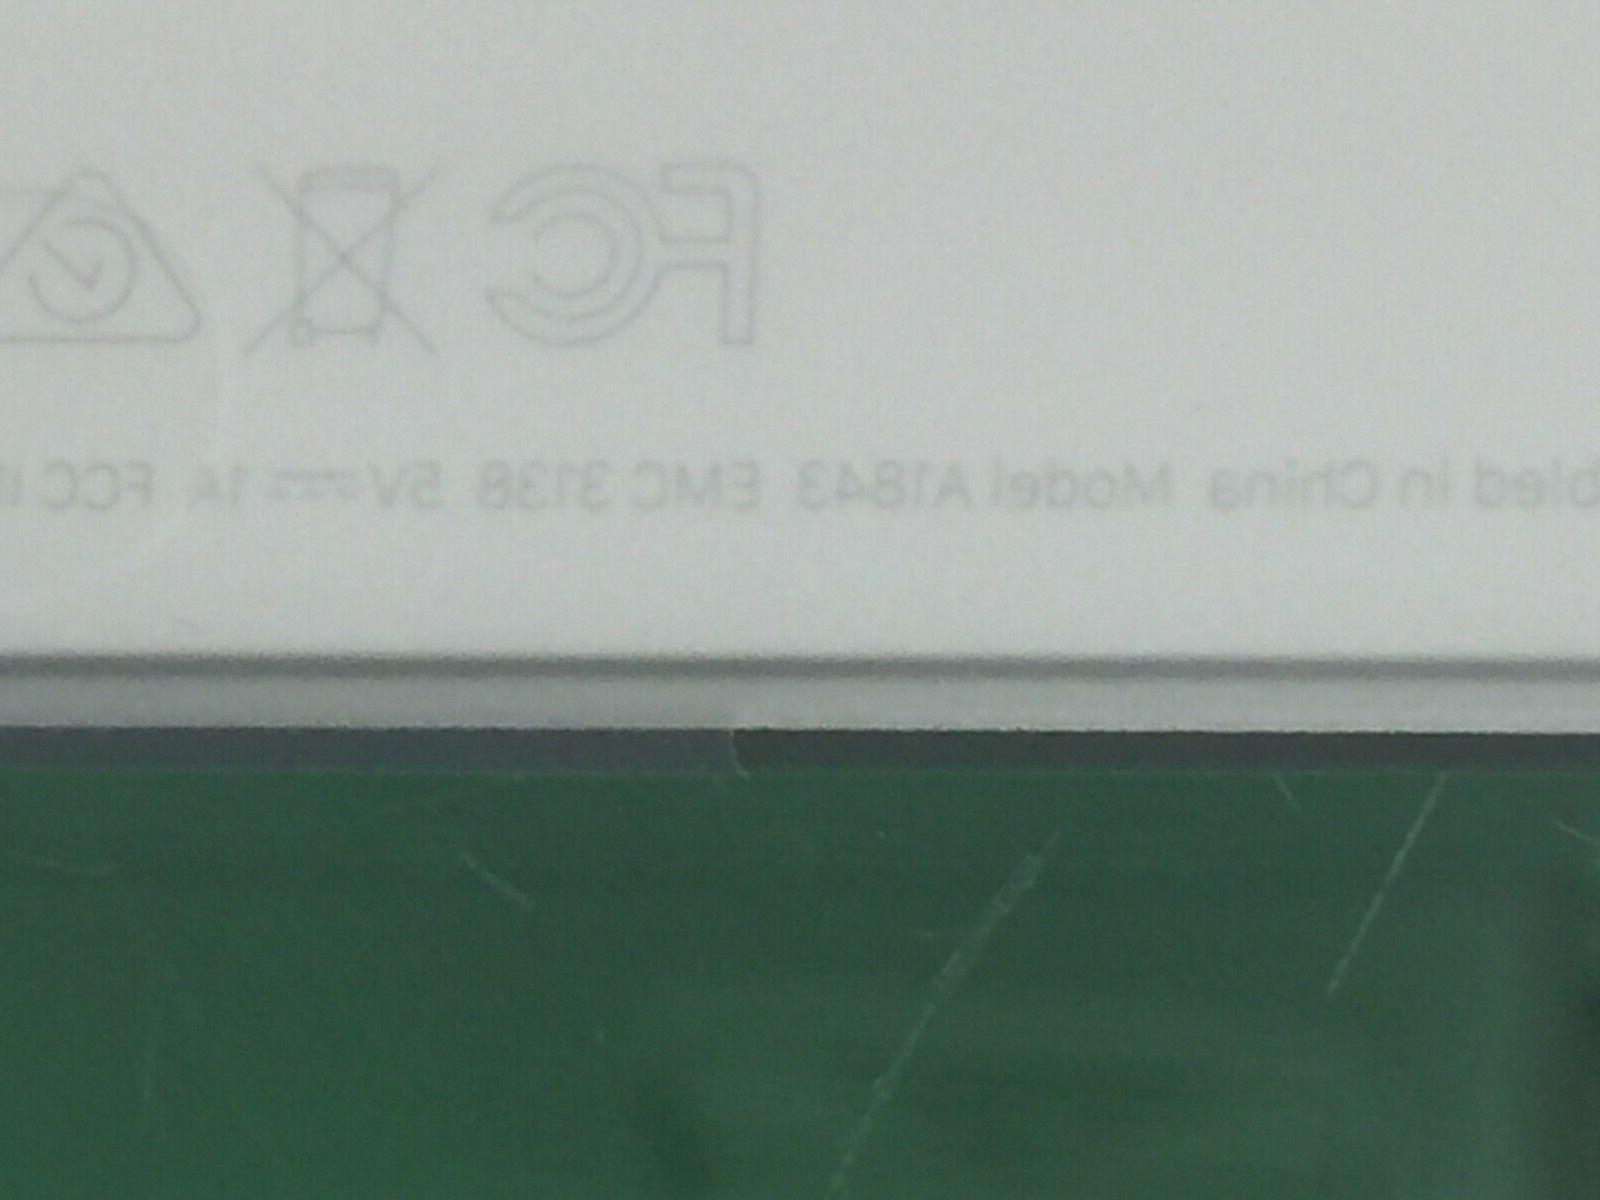 Apple Keyboard Numeric Wireless